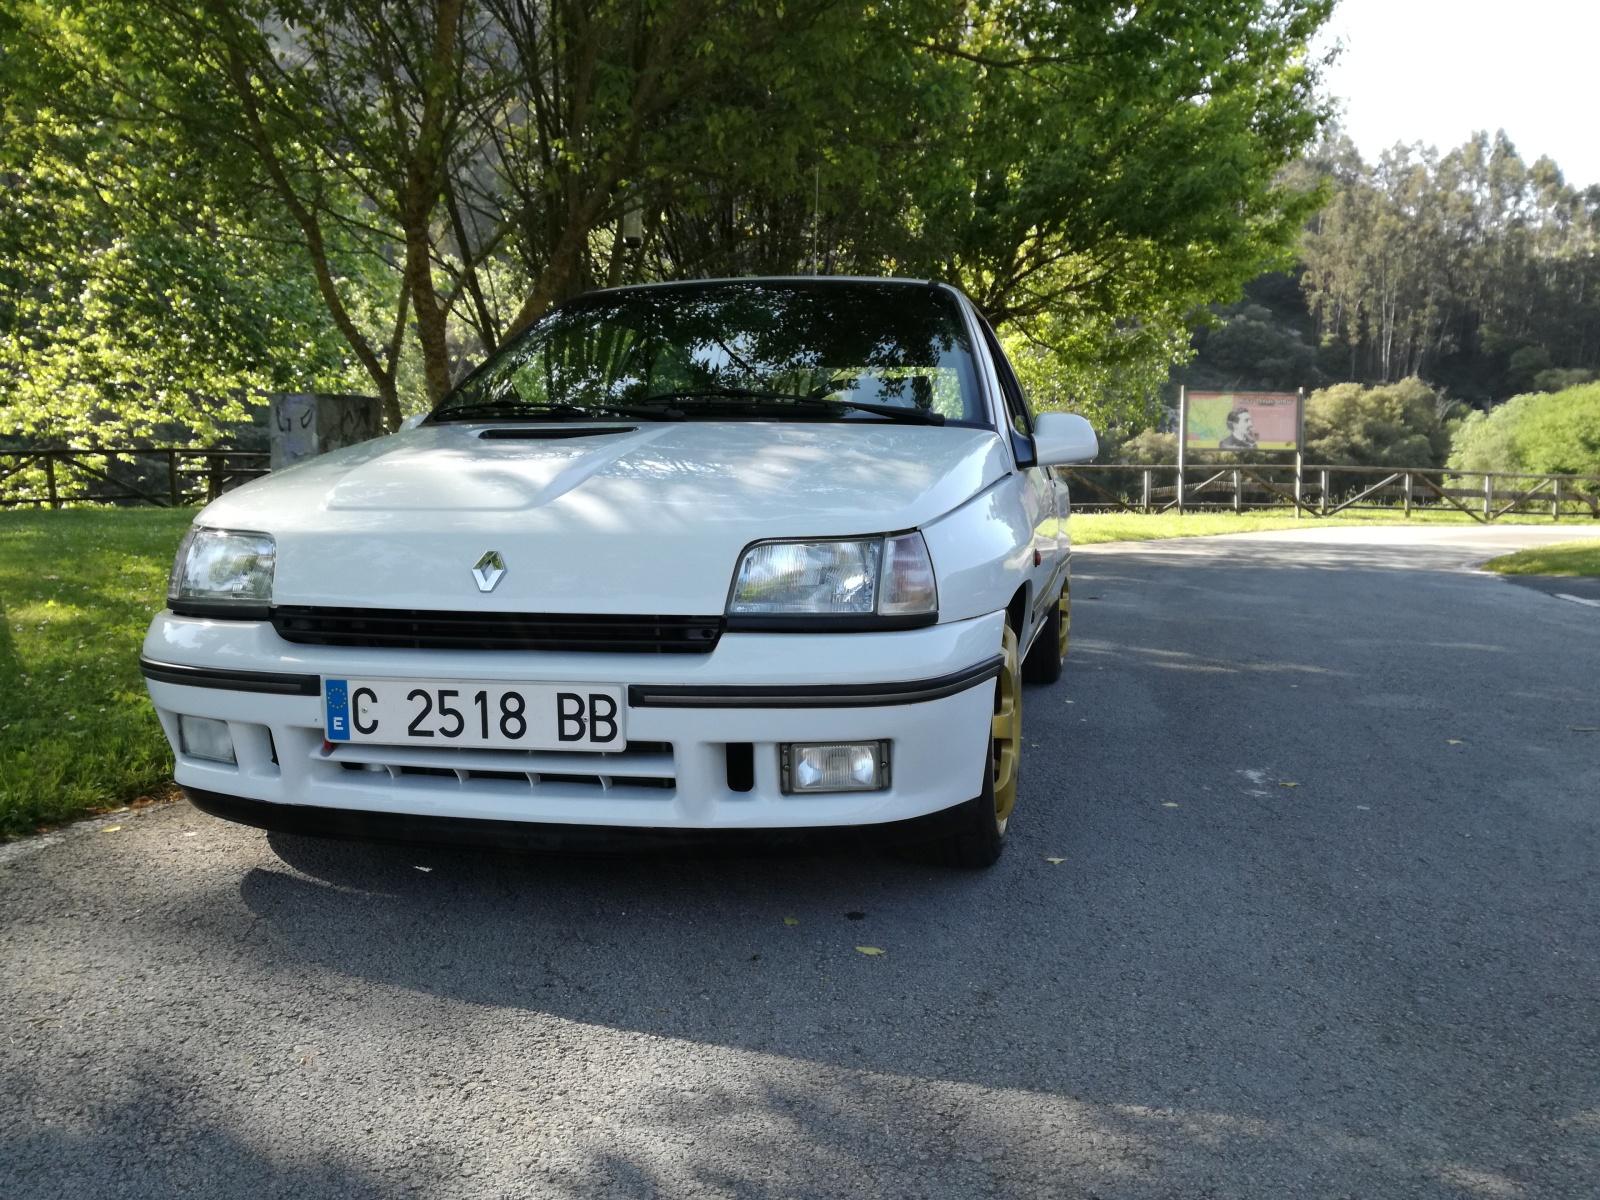 Presento el Renault Clio 16V Ndk908